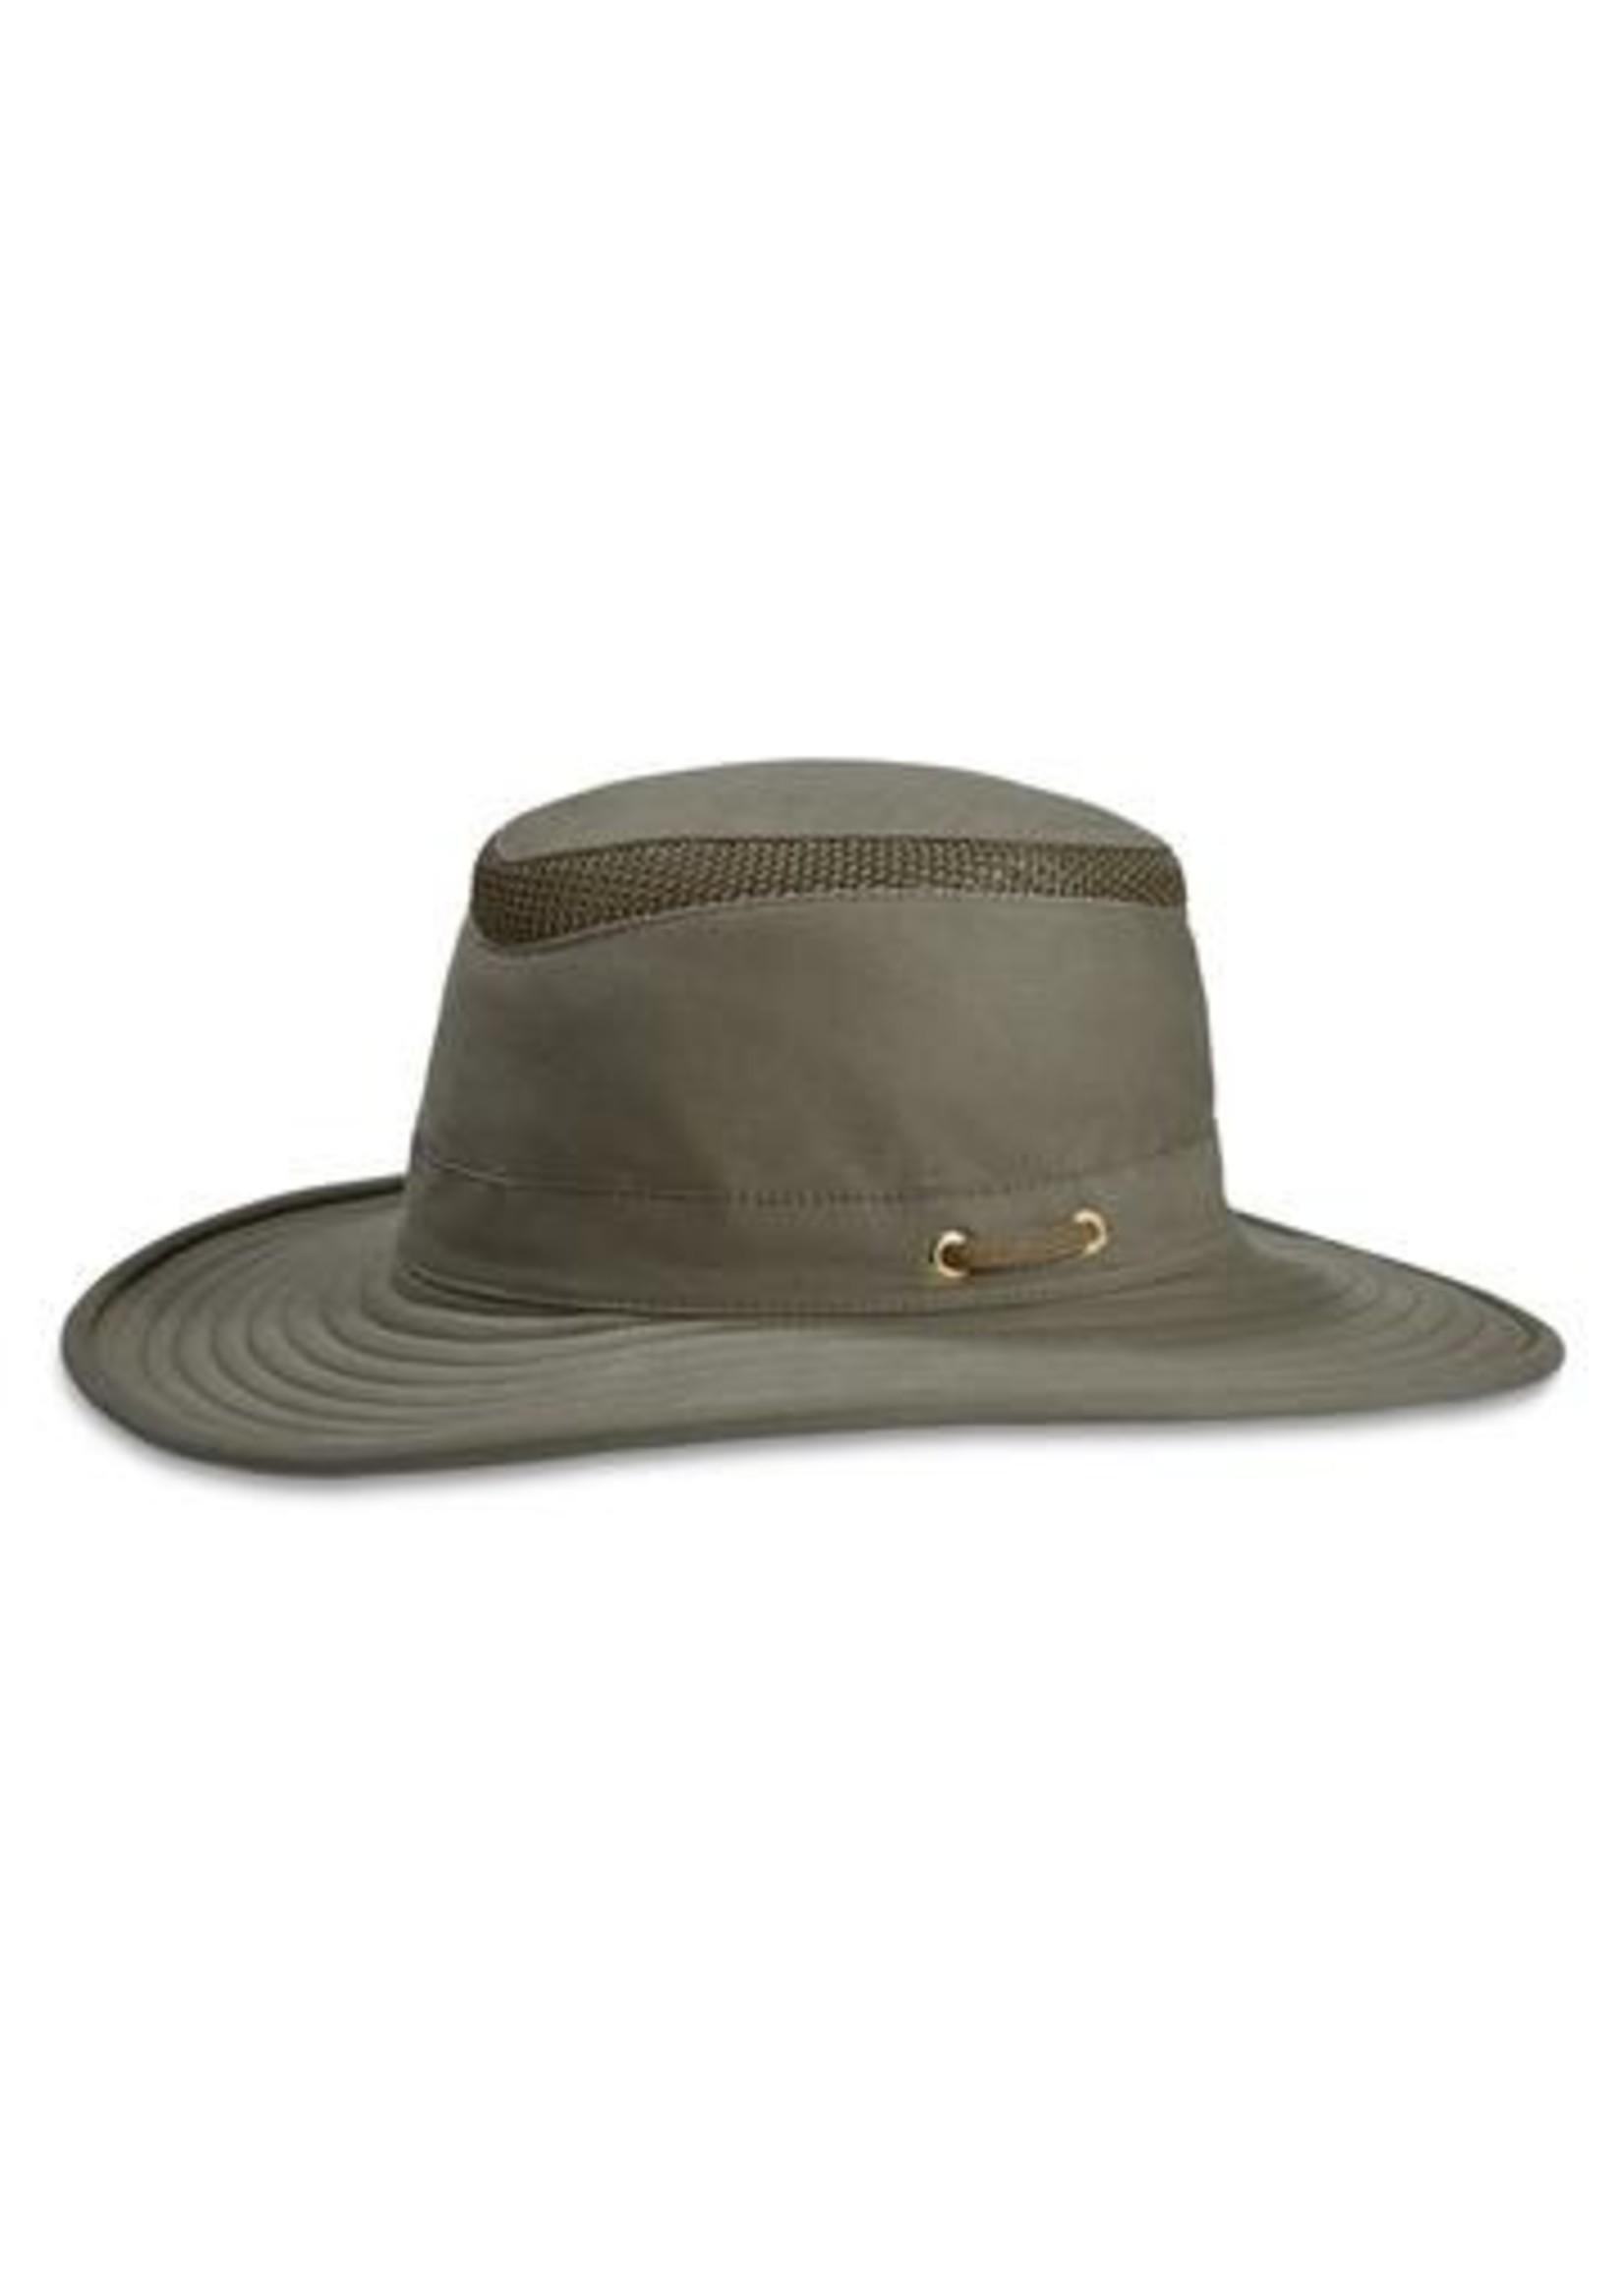 Tilley TILLEY HIKER'S HAT